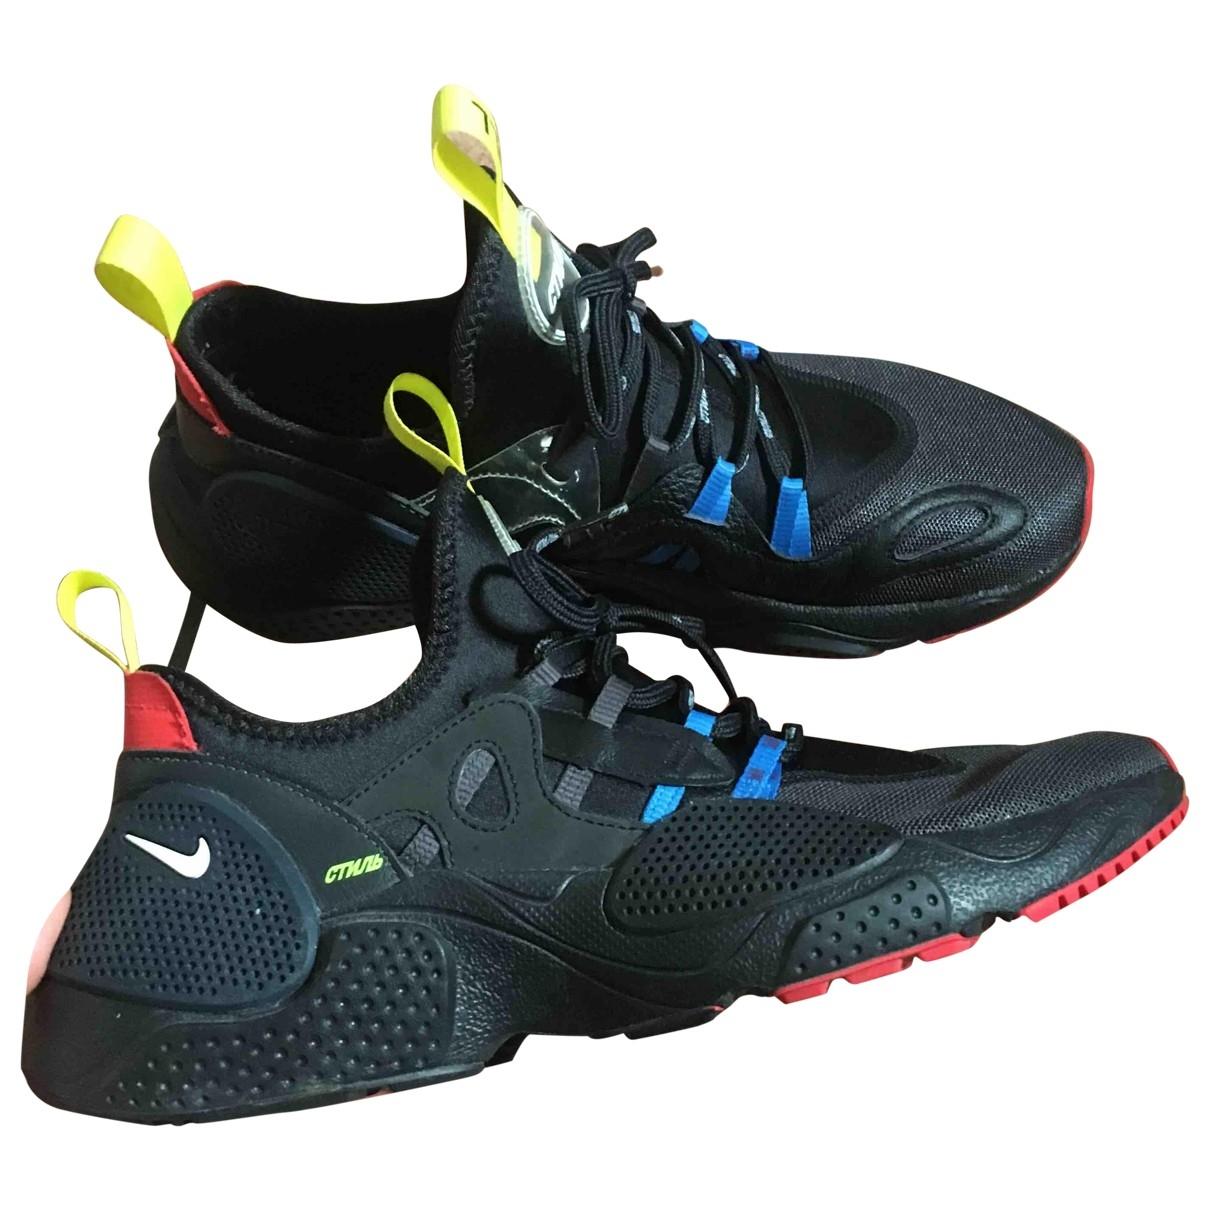 Deportivas de Lona Nike X Heron Preston